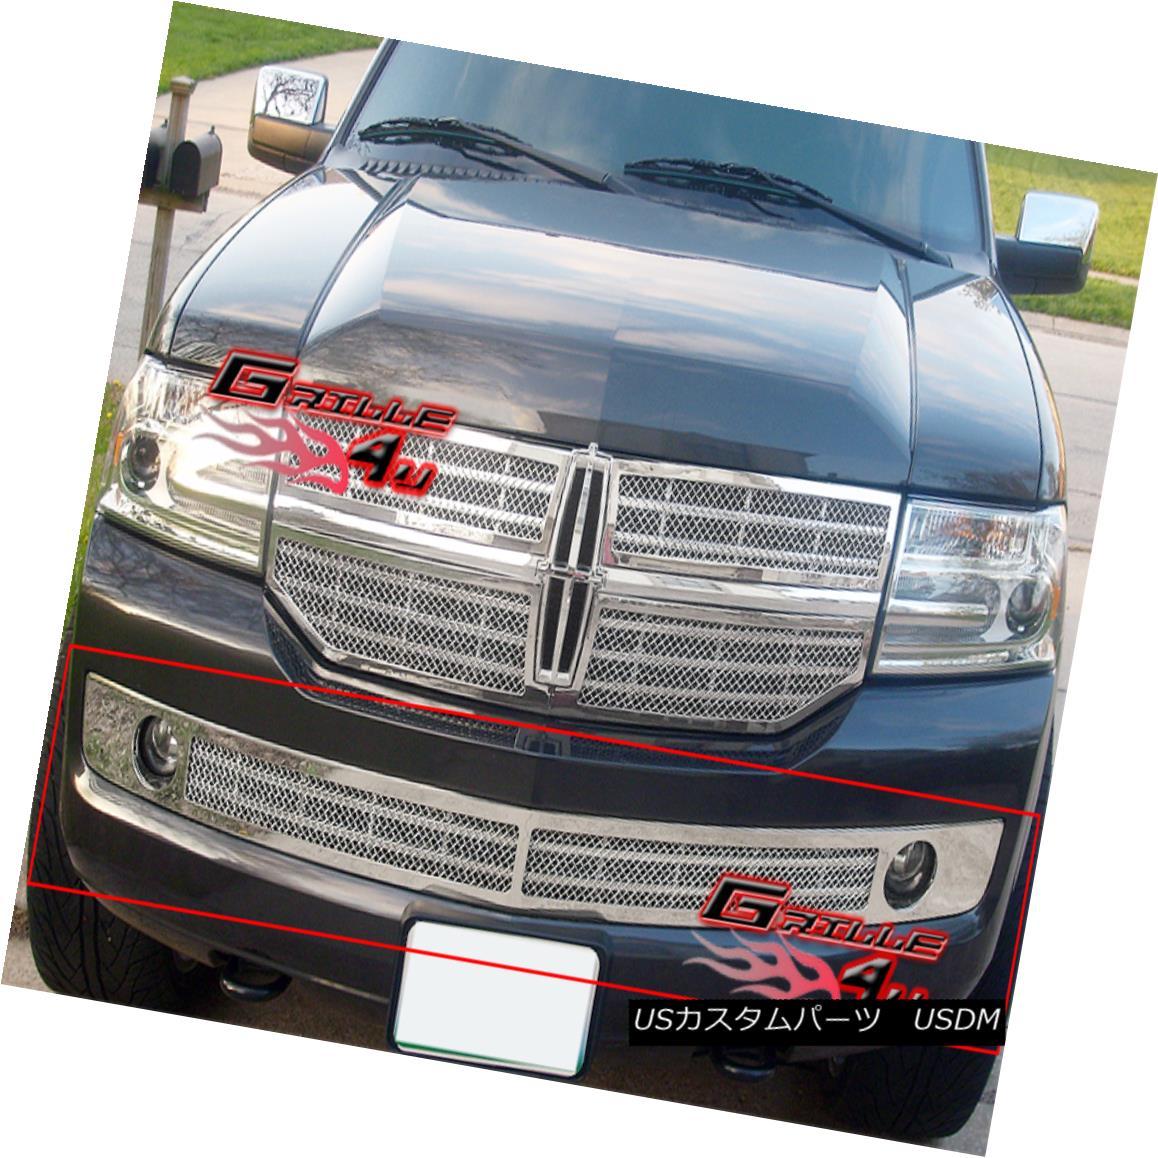 グリル Fits 2007-2014 Lincoln Navigator Bumper Stainless Steel Mesh Grille Grill フィット2007-2014リンカーンナビゲータバンパーステンレスメッシュグリルグリル